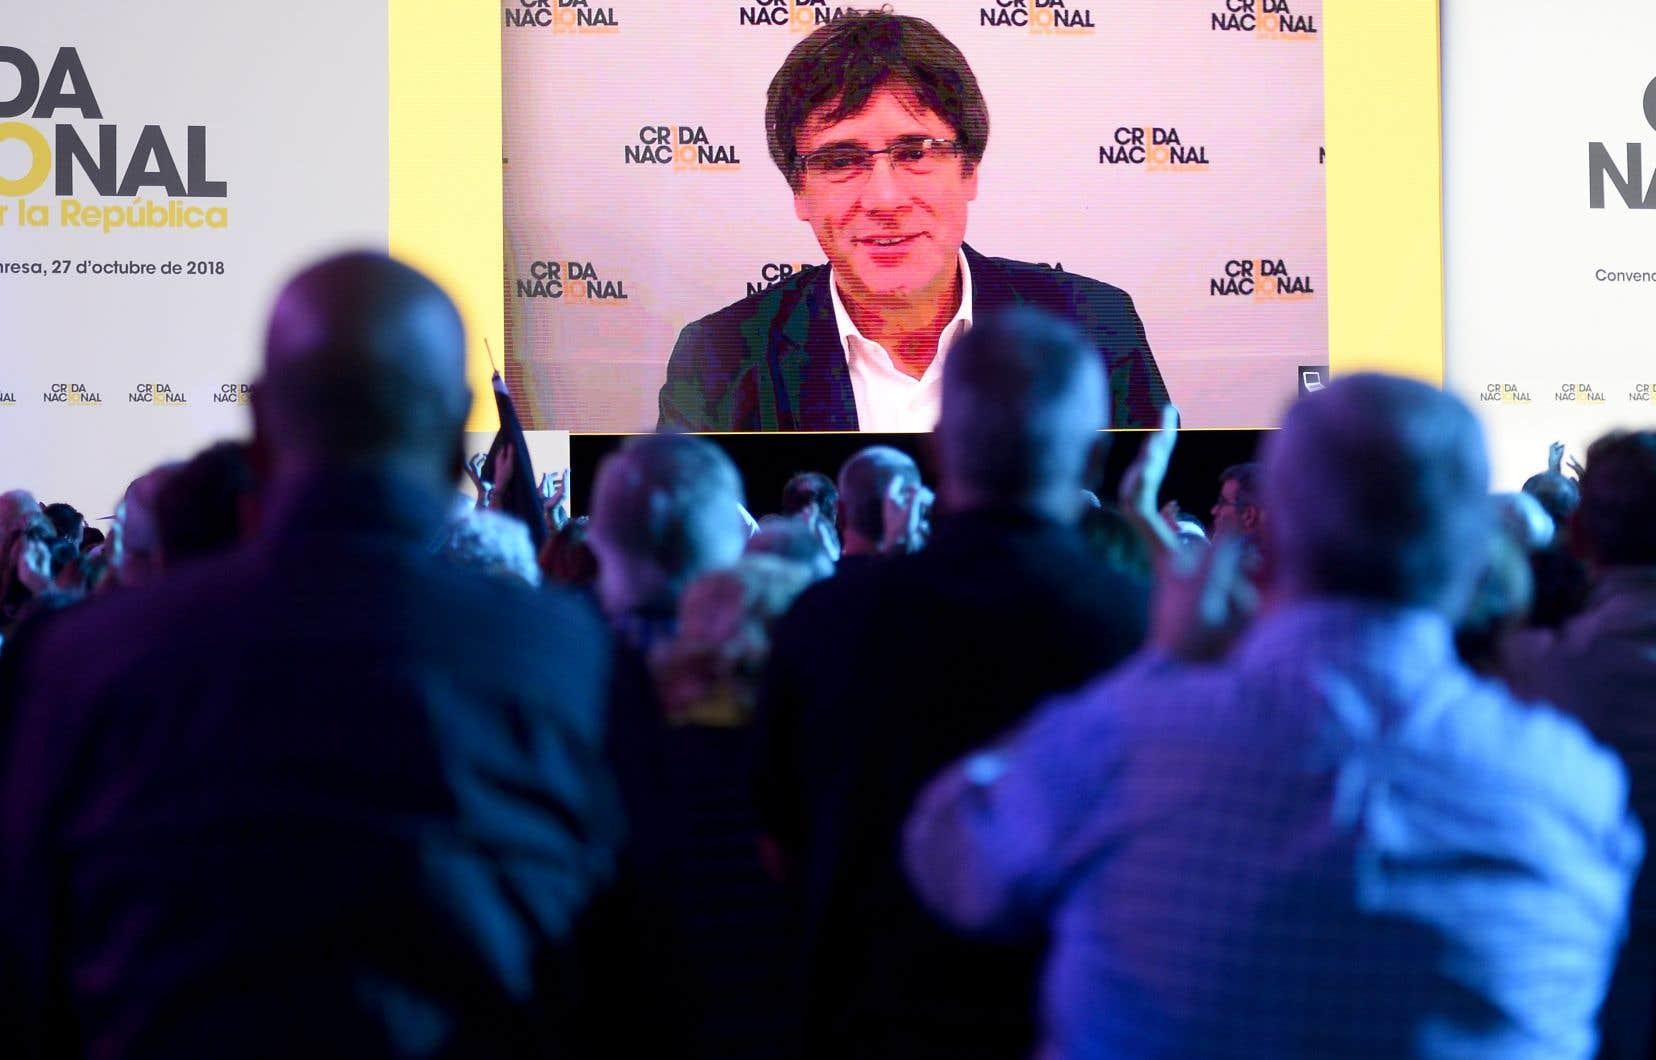 L'ancien président catalan Carles Puigdemont a tenté samedi, depuis son exil en Belgique, de rassembler les séparatistes derrière lui en fondant un nouveau parti.